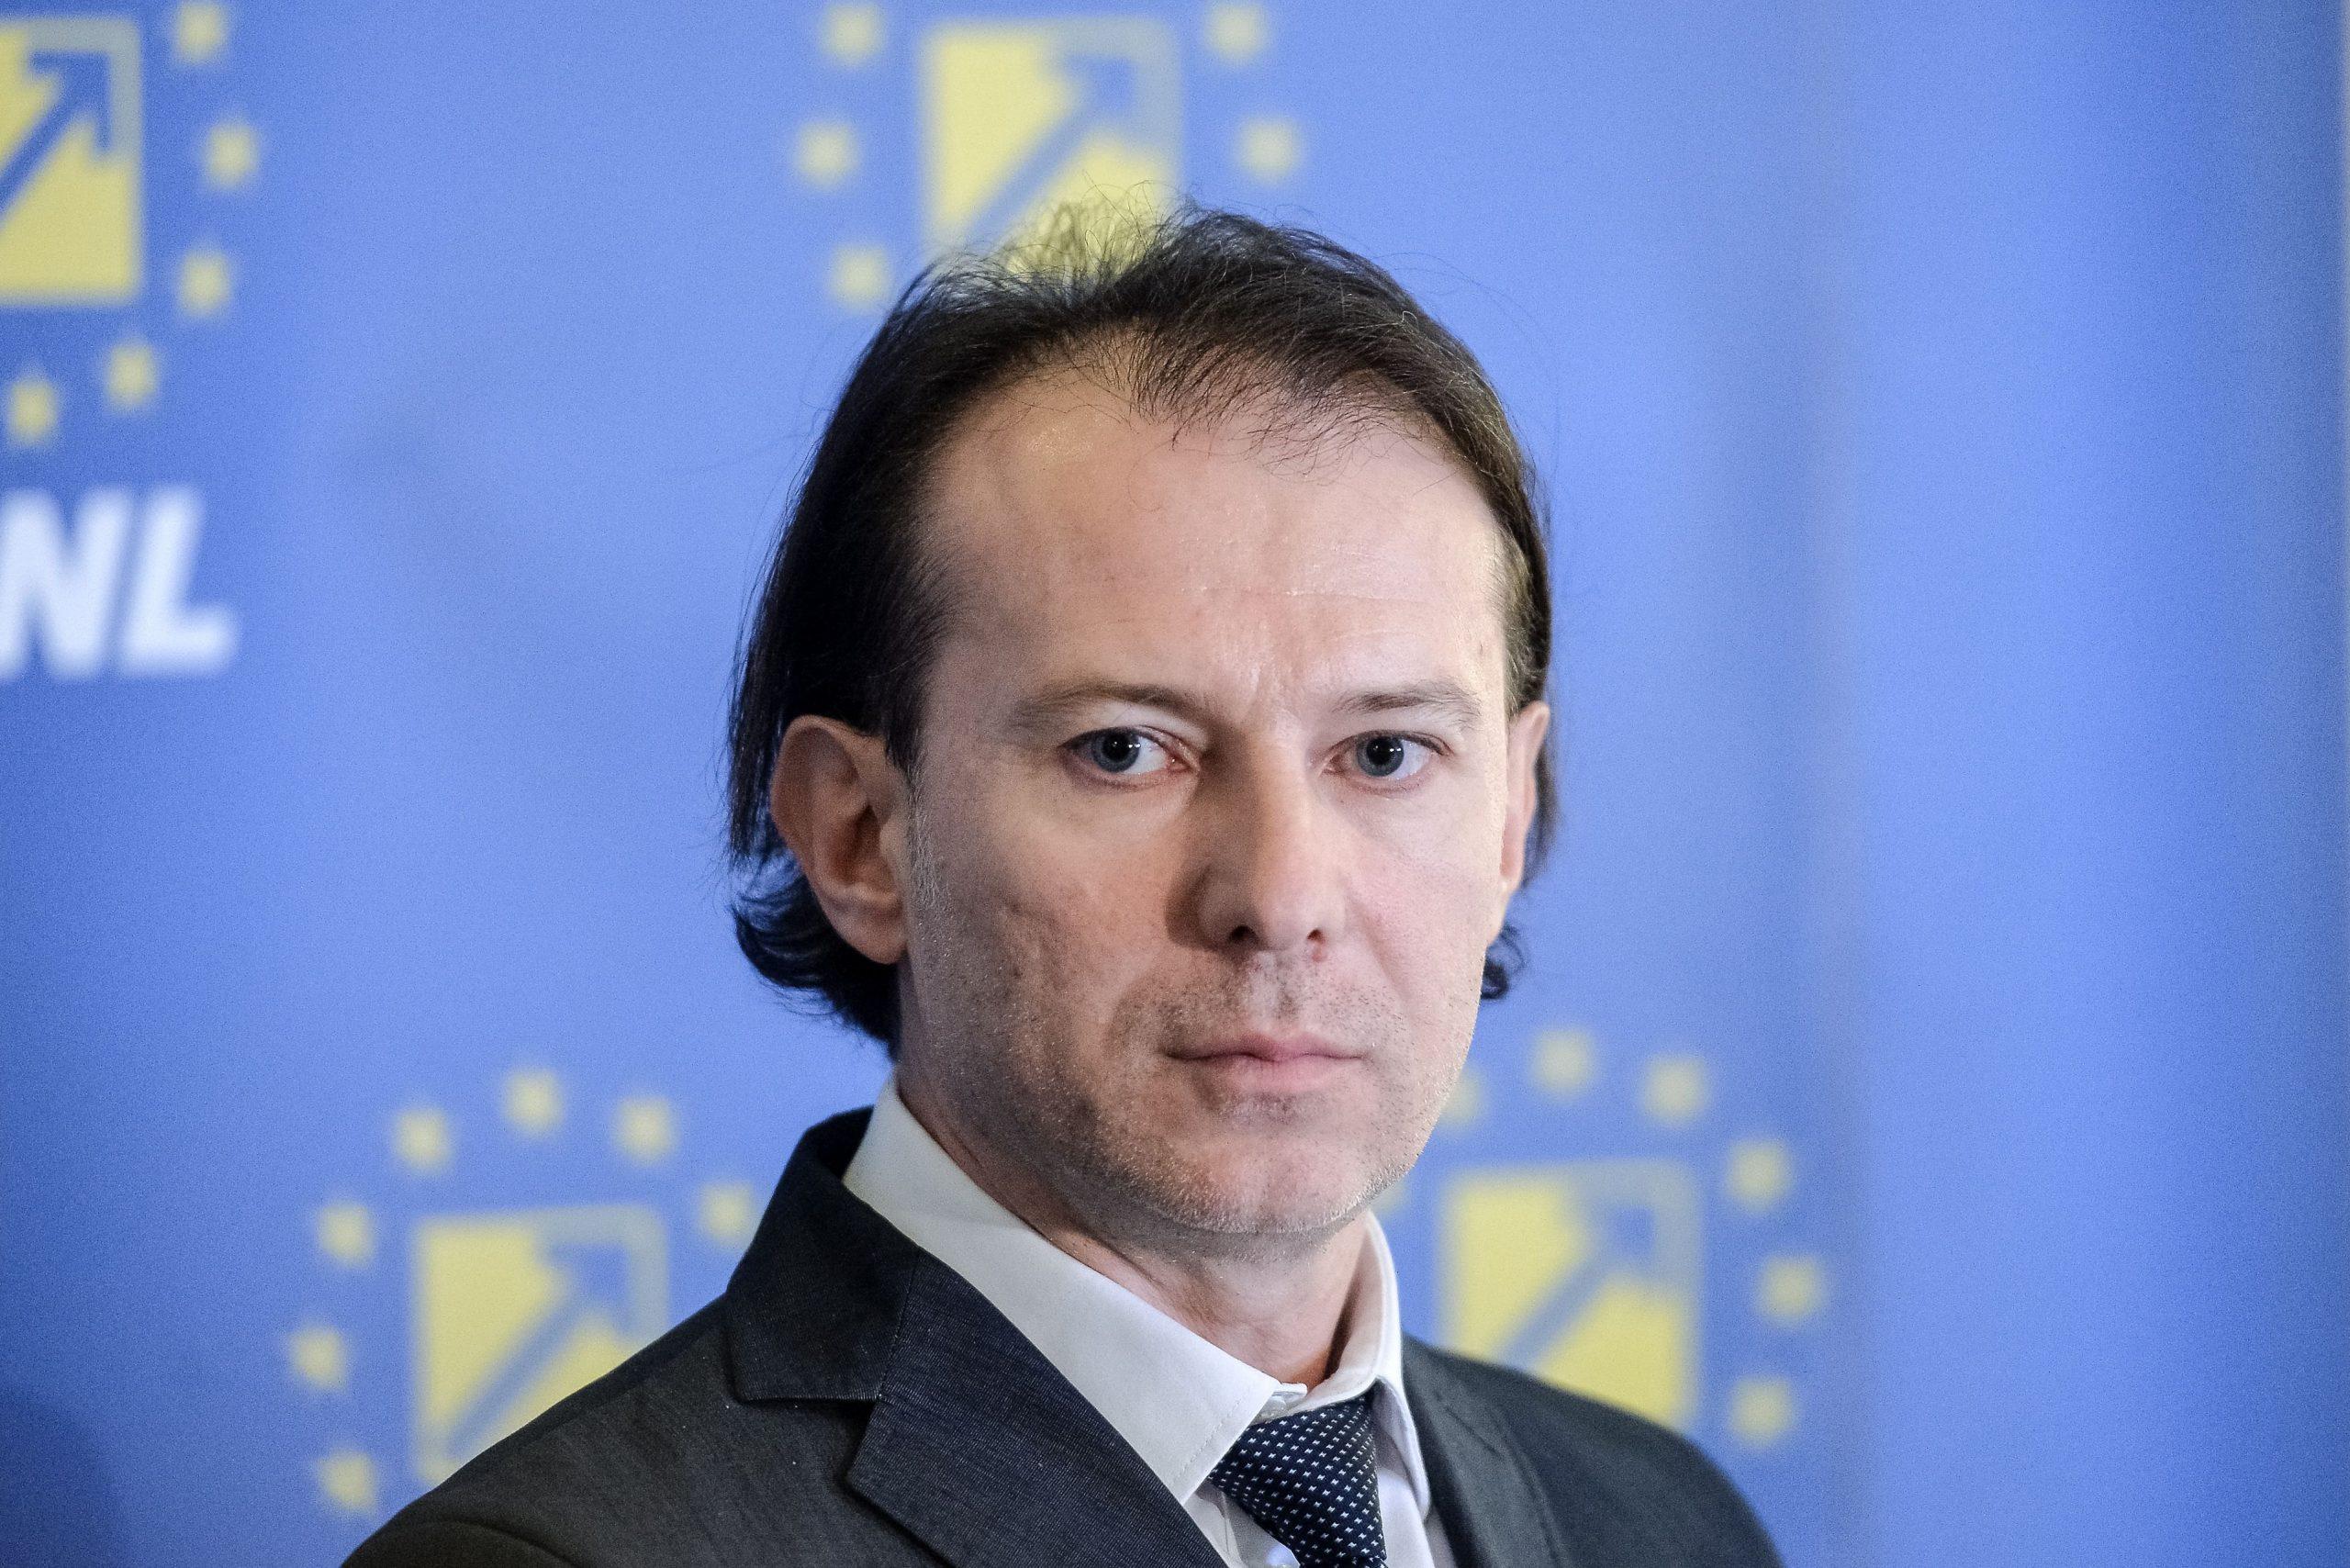 Florin Cîțu: Cerem băncilor amanarea ratelor cu 90 de zile, de asemenea amanarea plăților la ANAF